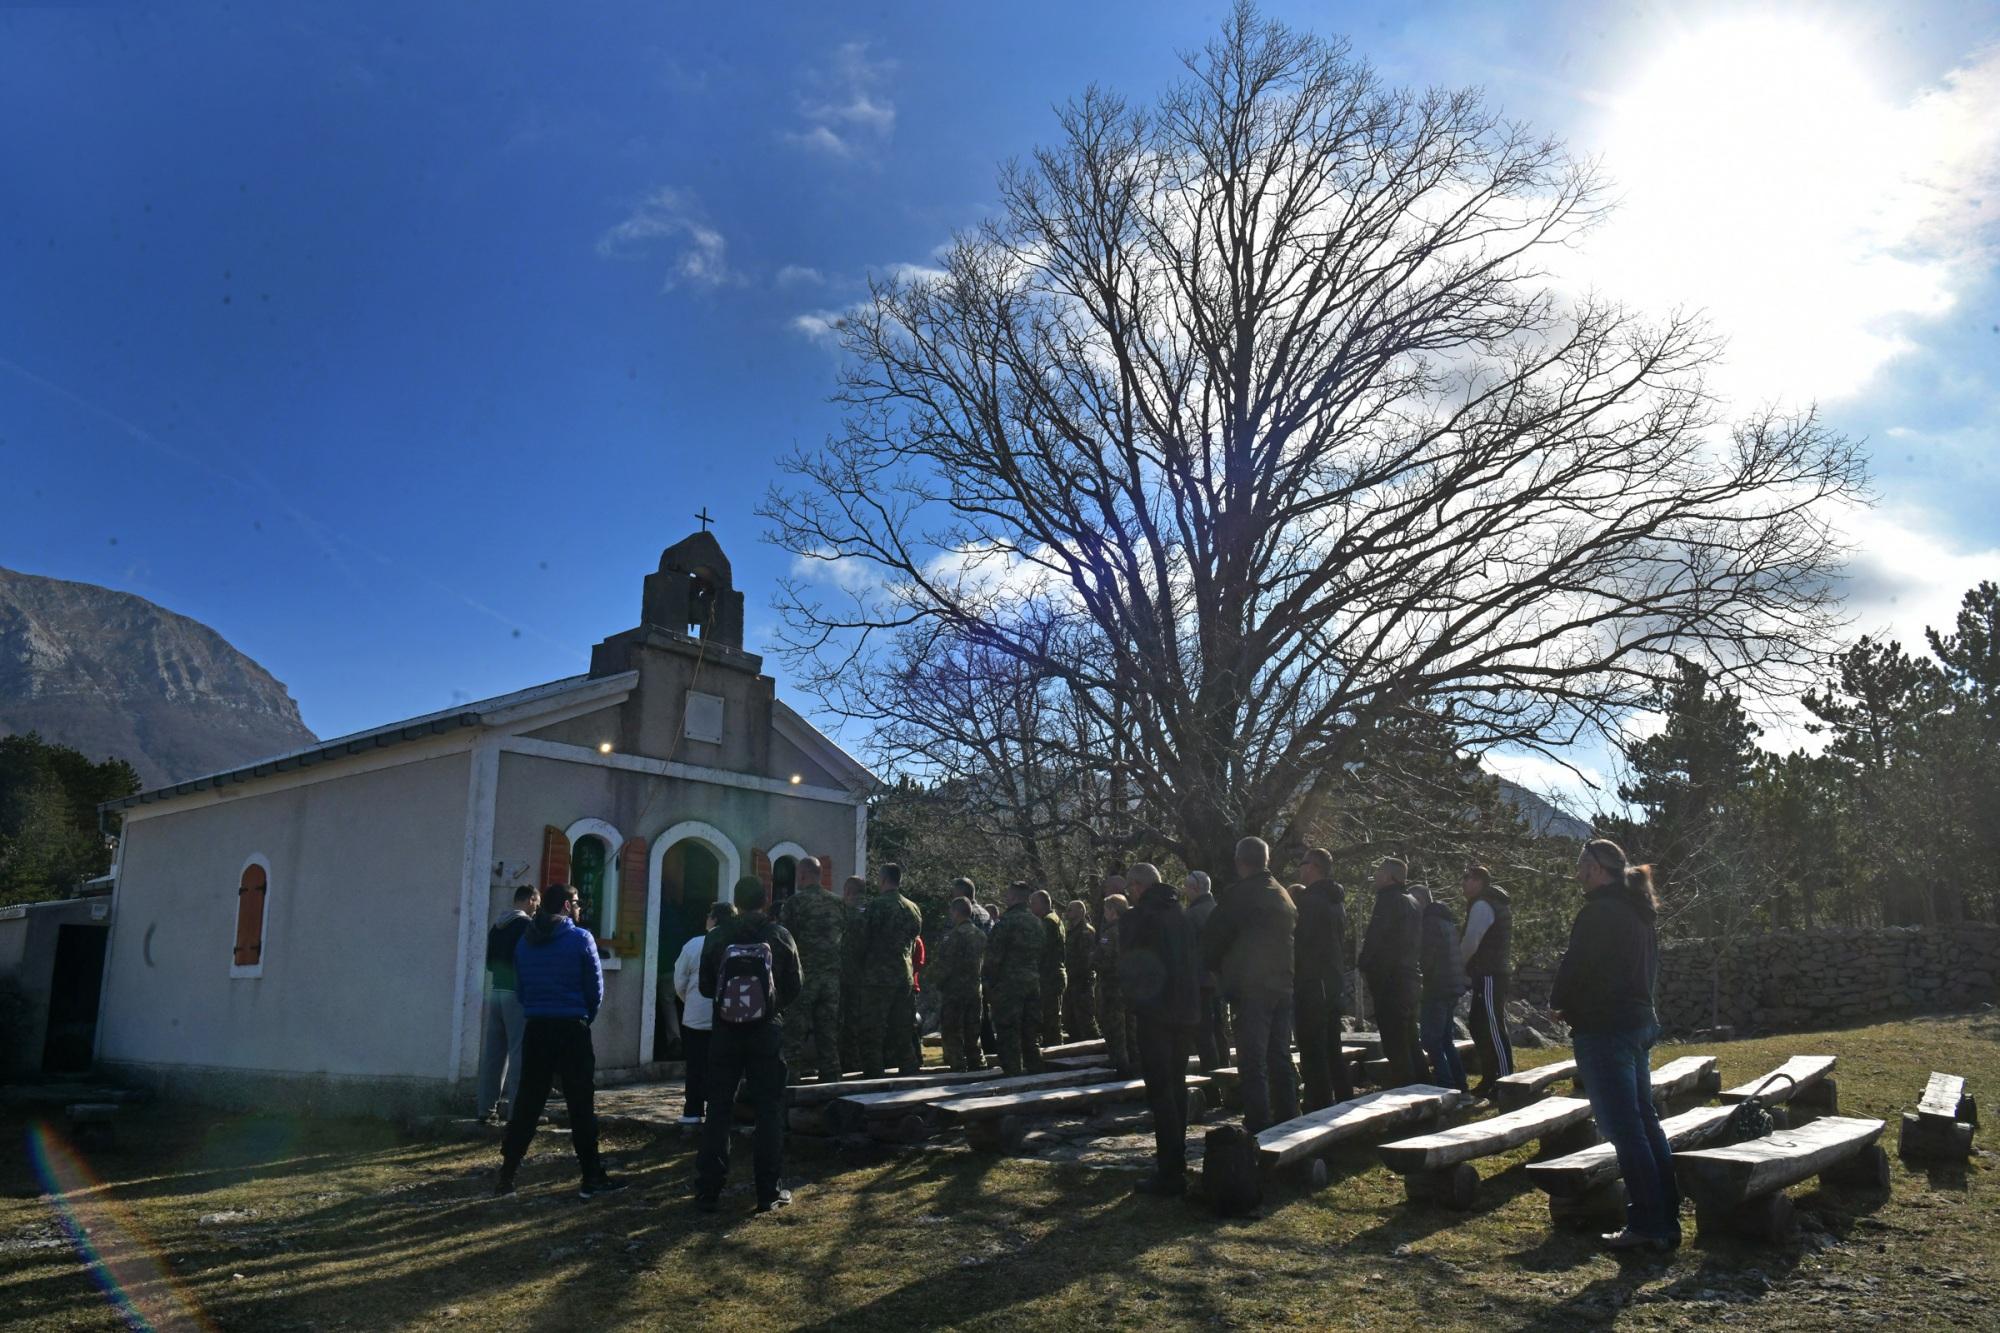 Pripadnici ZSS-a obilježili 27. godišnjicu pogibije bjn Nenada Mataka